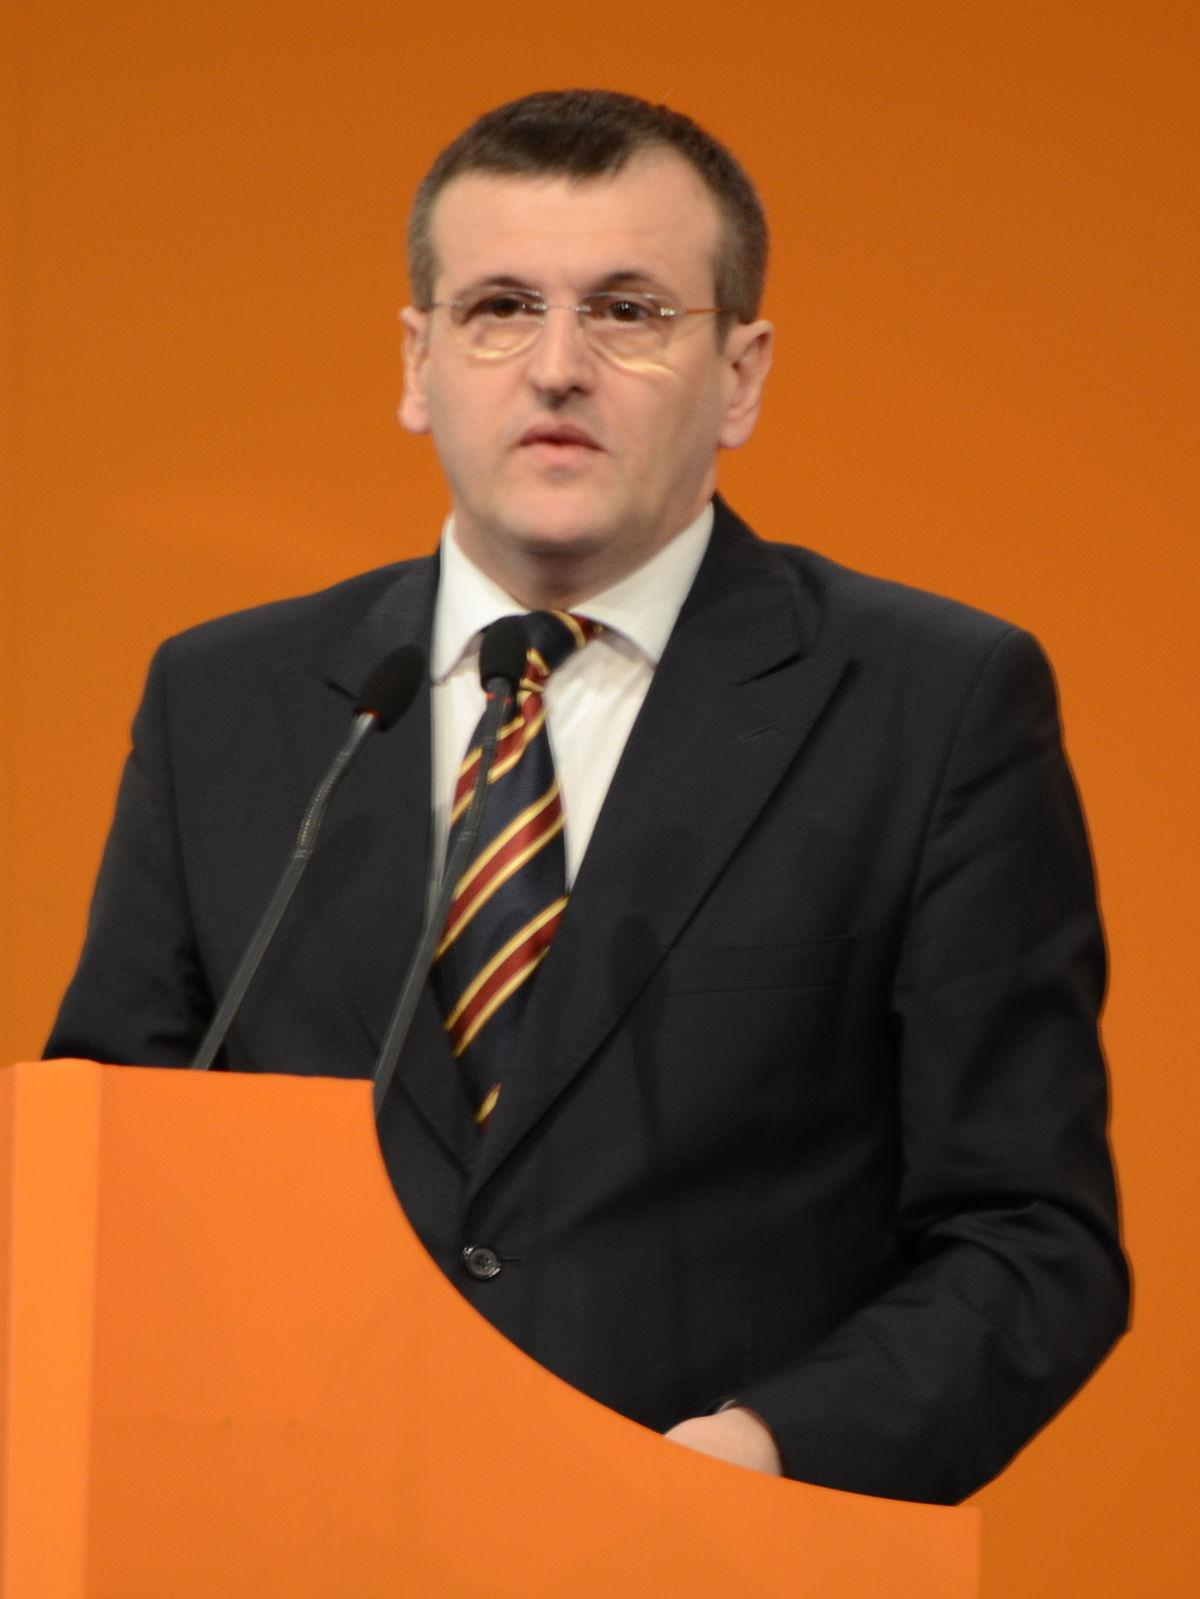 Cristian Preda - Wikipedia  |Cristian Preda